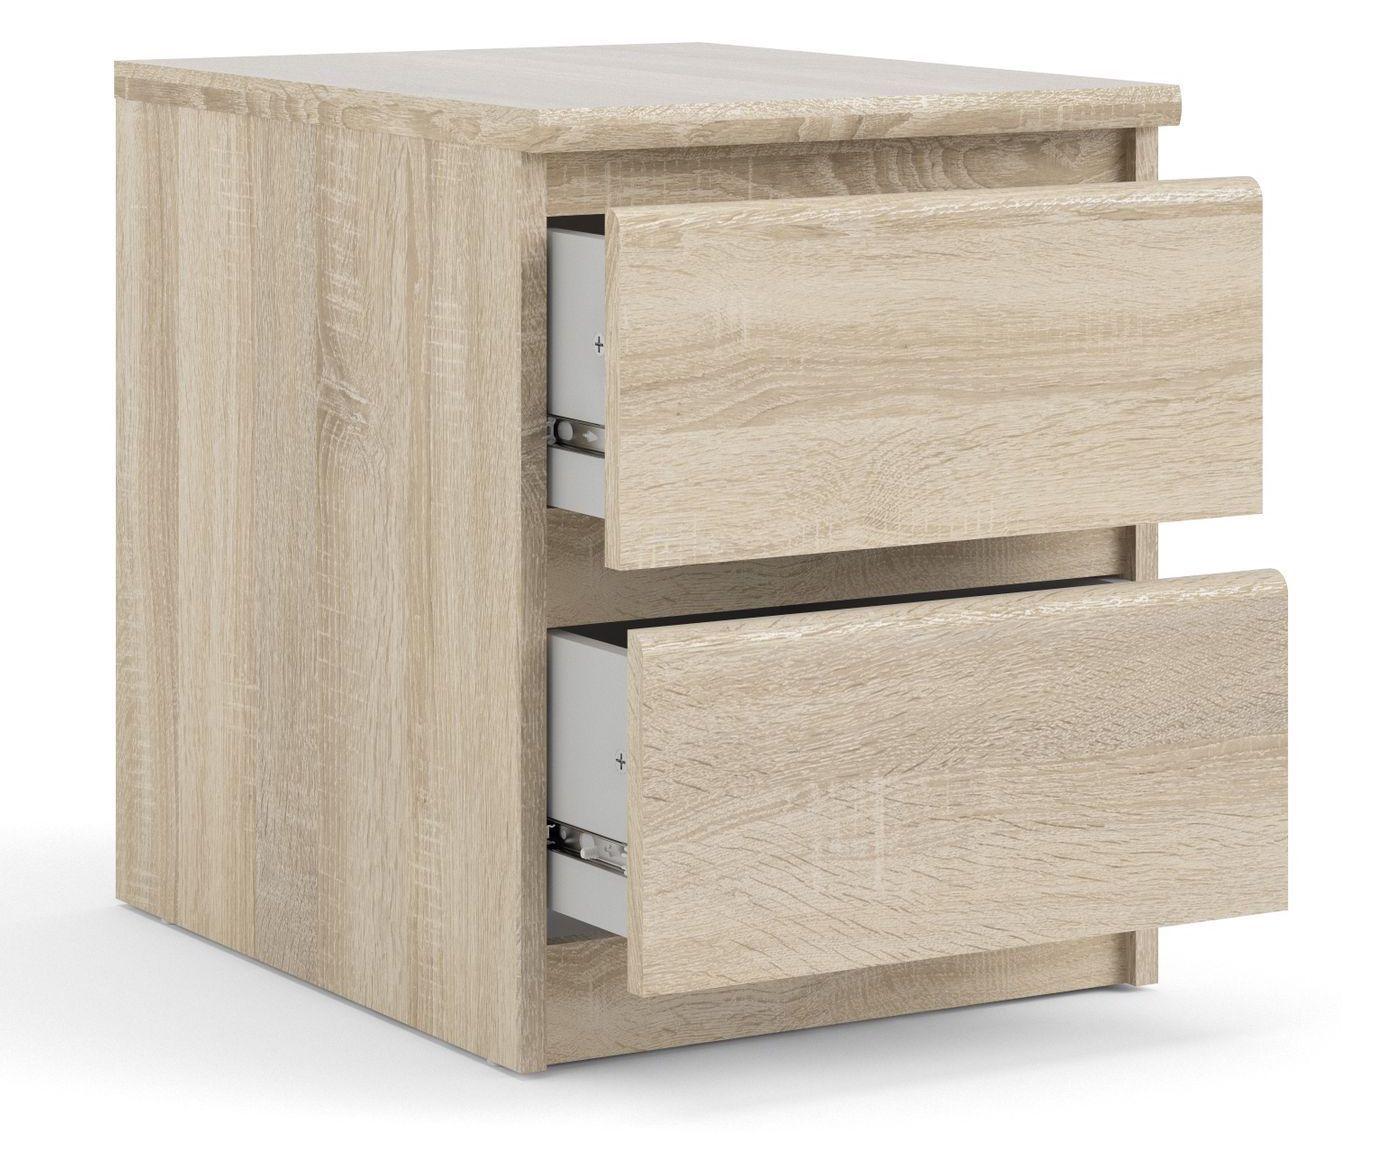 Naia Sengebord - Lys træ - Sengebord i egetræslook med skuffer